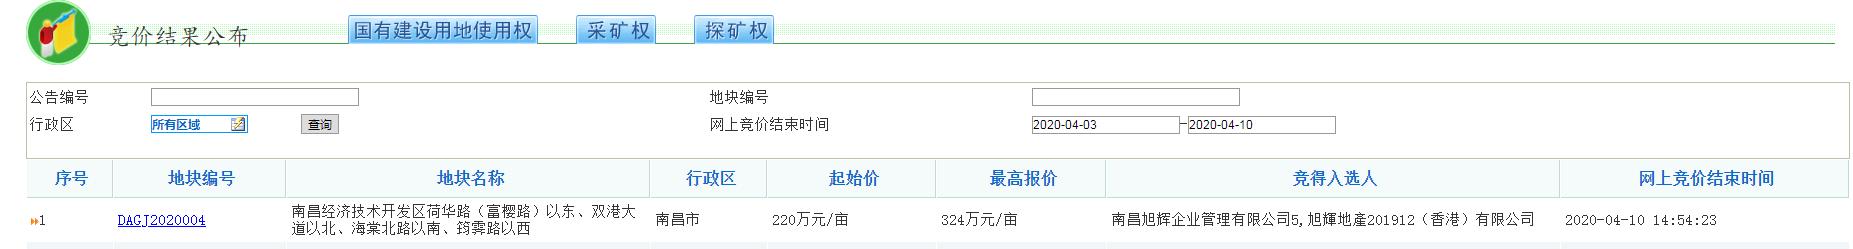 微信截图_20200410151109.png